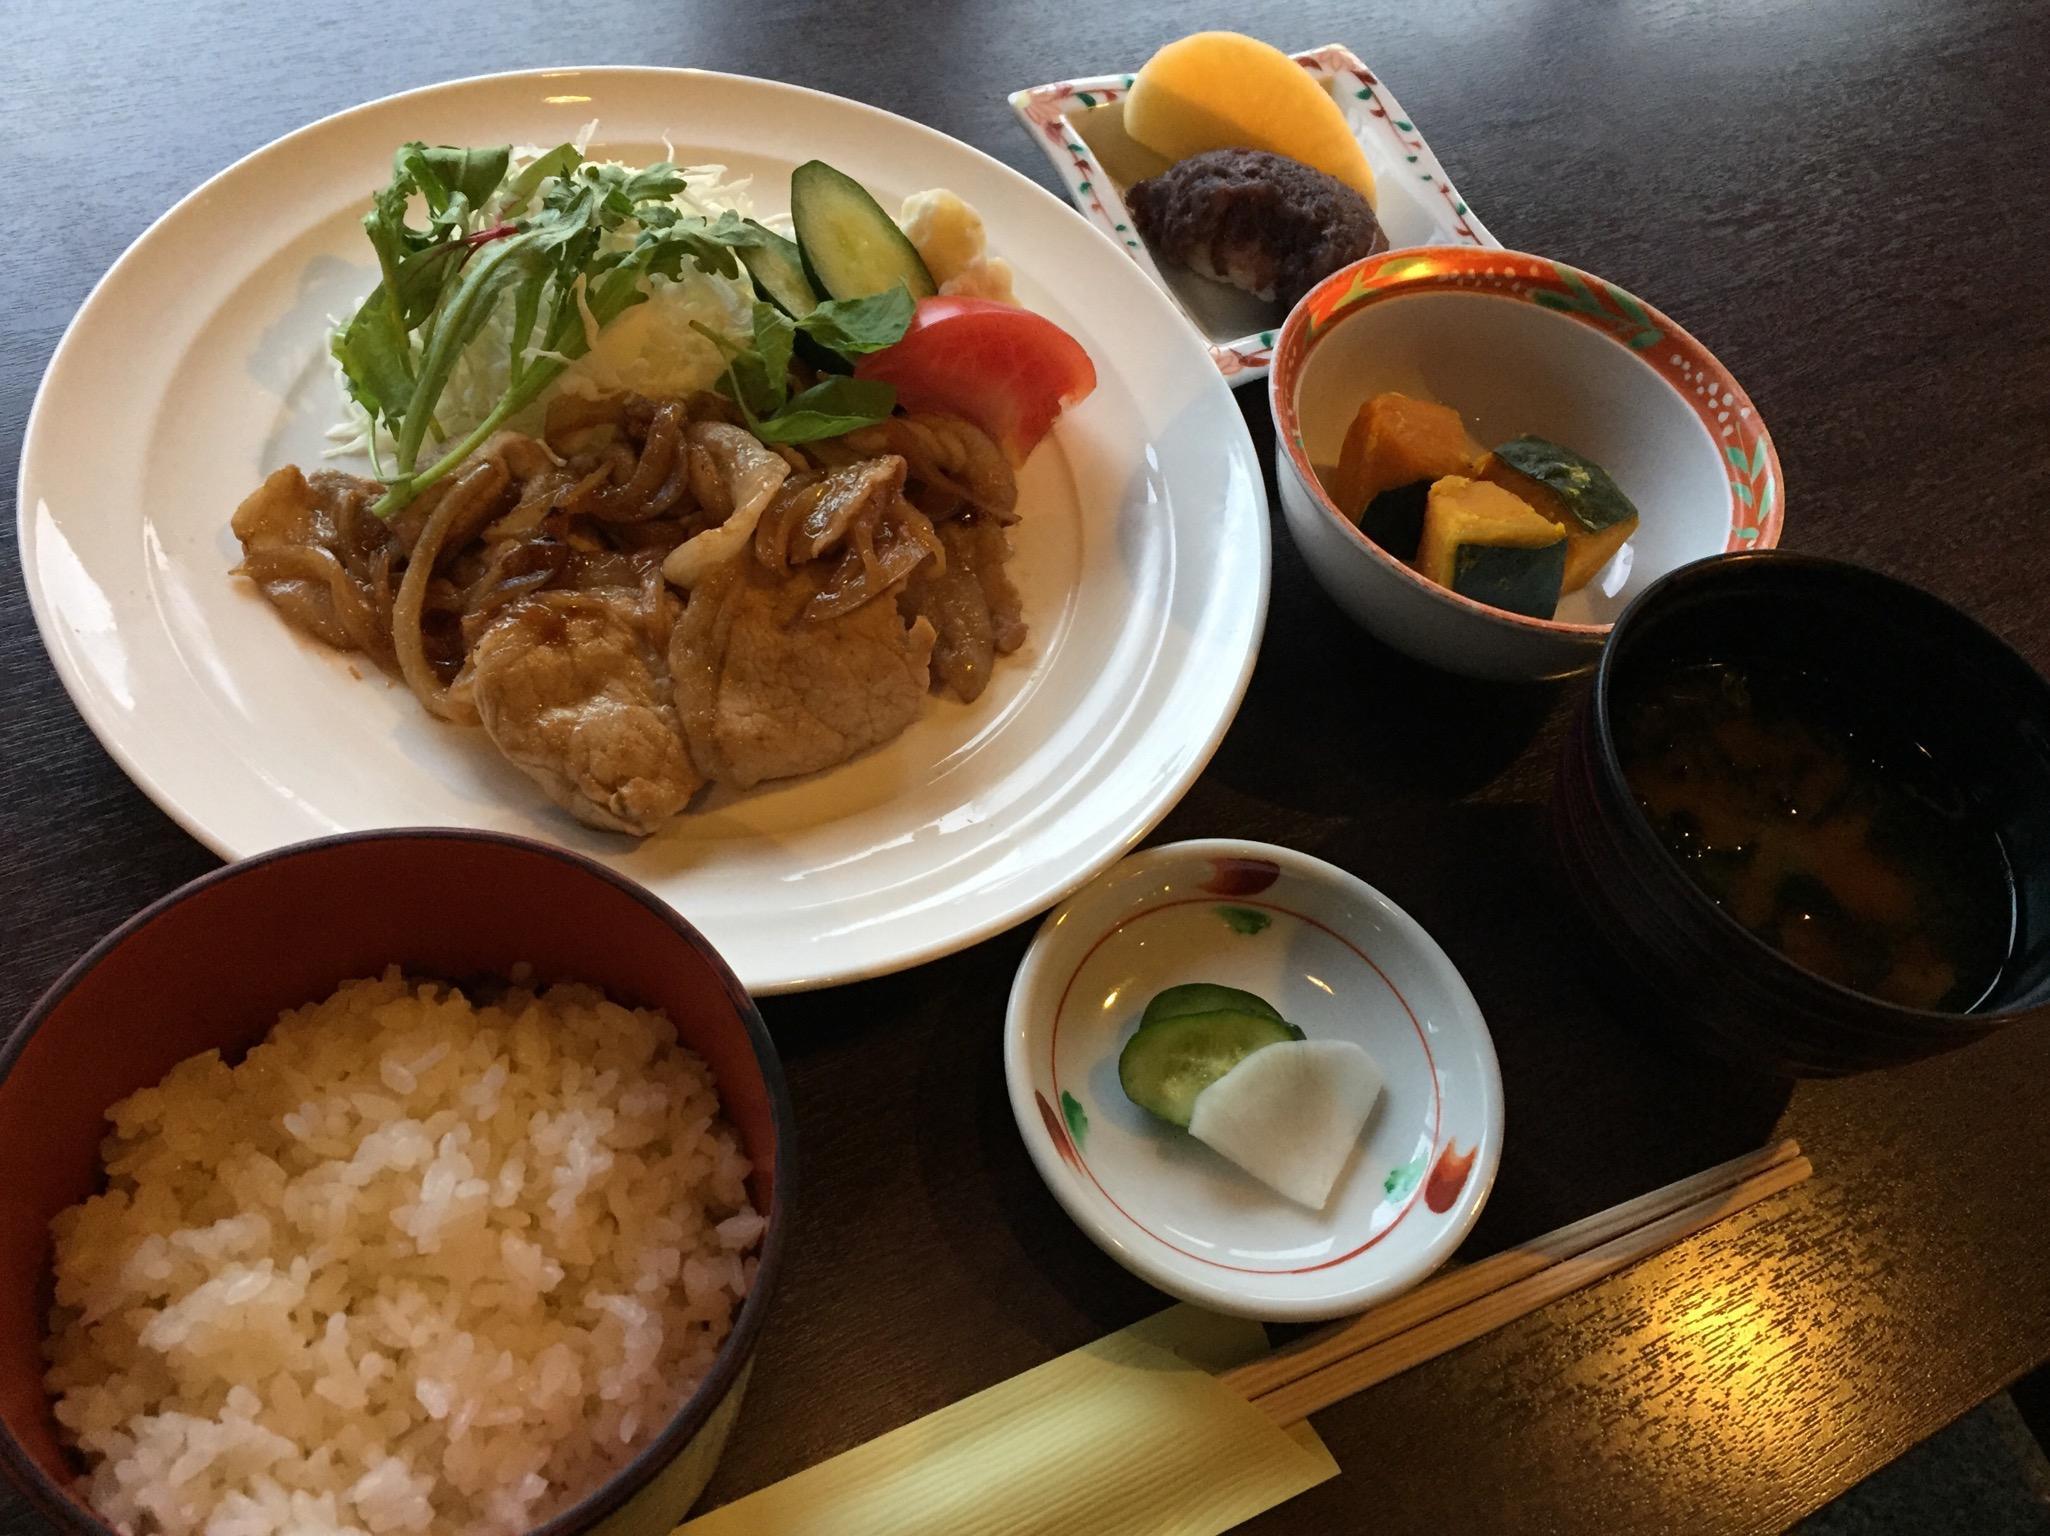 『アスリート飯』『健康飯』始めました!